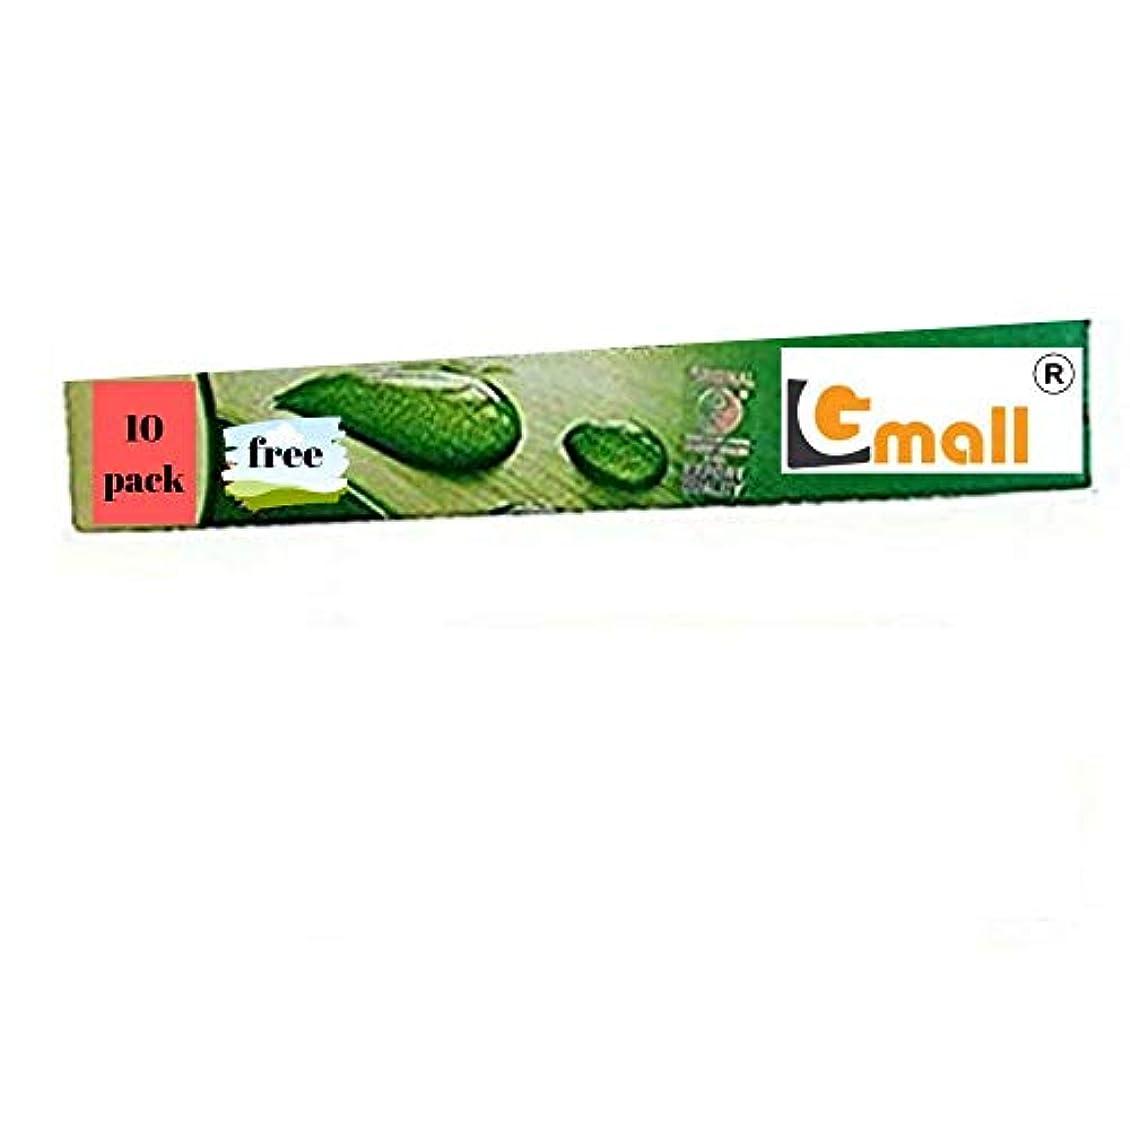 がんばり続ける涙乳製品Gmall Comfort Natural Mosquito Repellent Lemon Grass Incense Sticks - Green - 130 Incense stik (12 Pack Comfort...